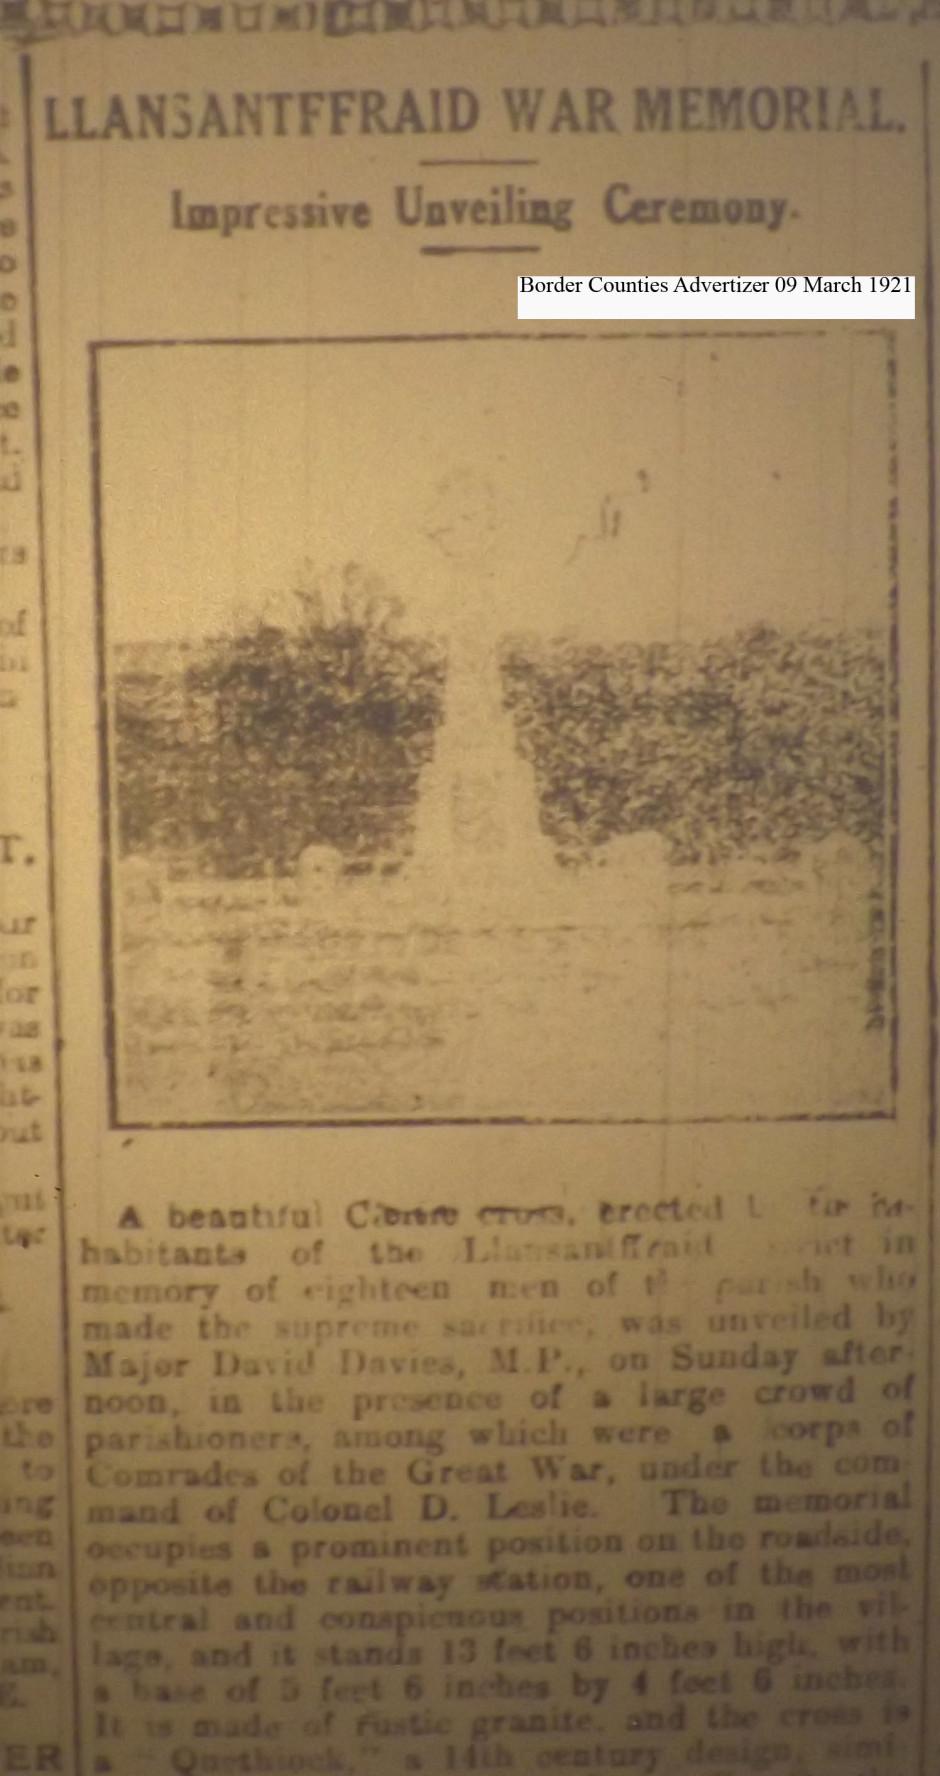 OSW-WM-Llansanffraid  March 09 1921 - 1